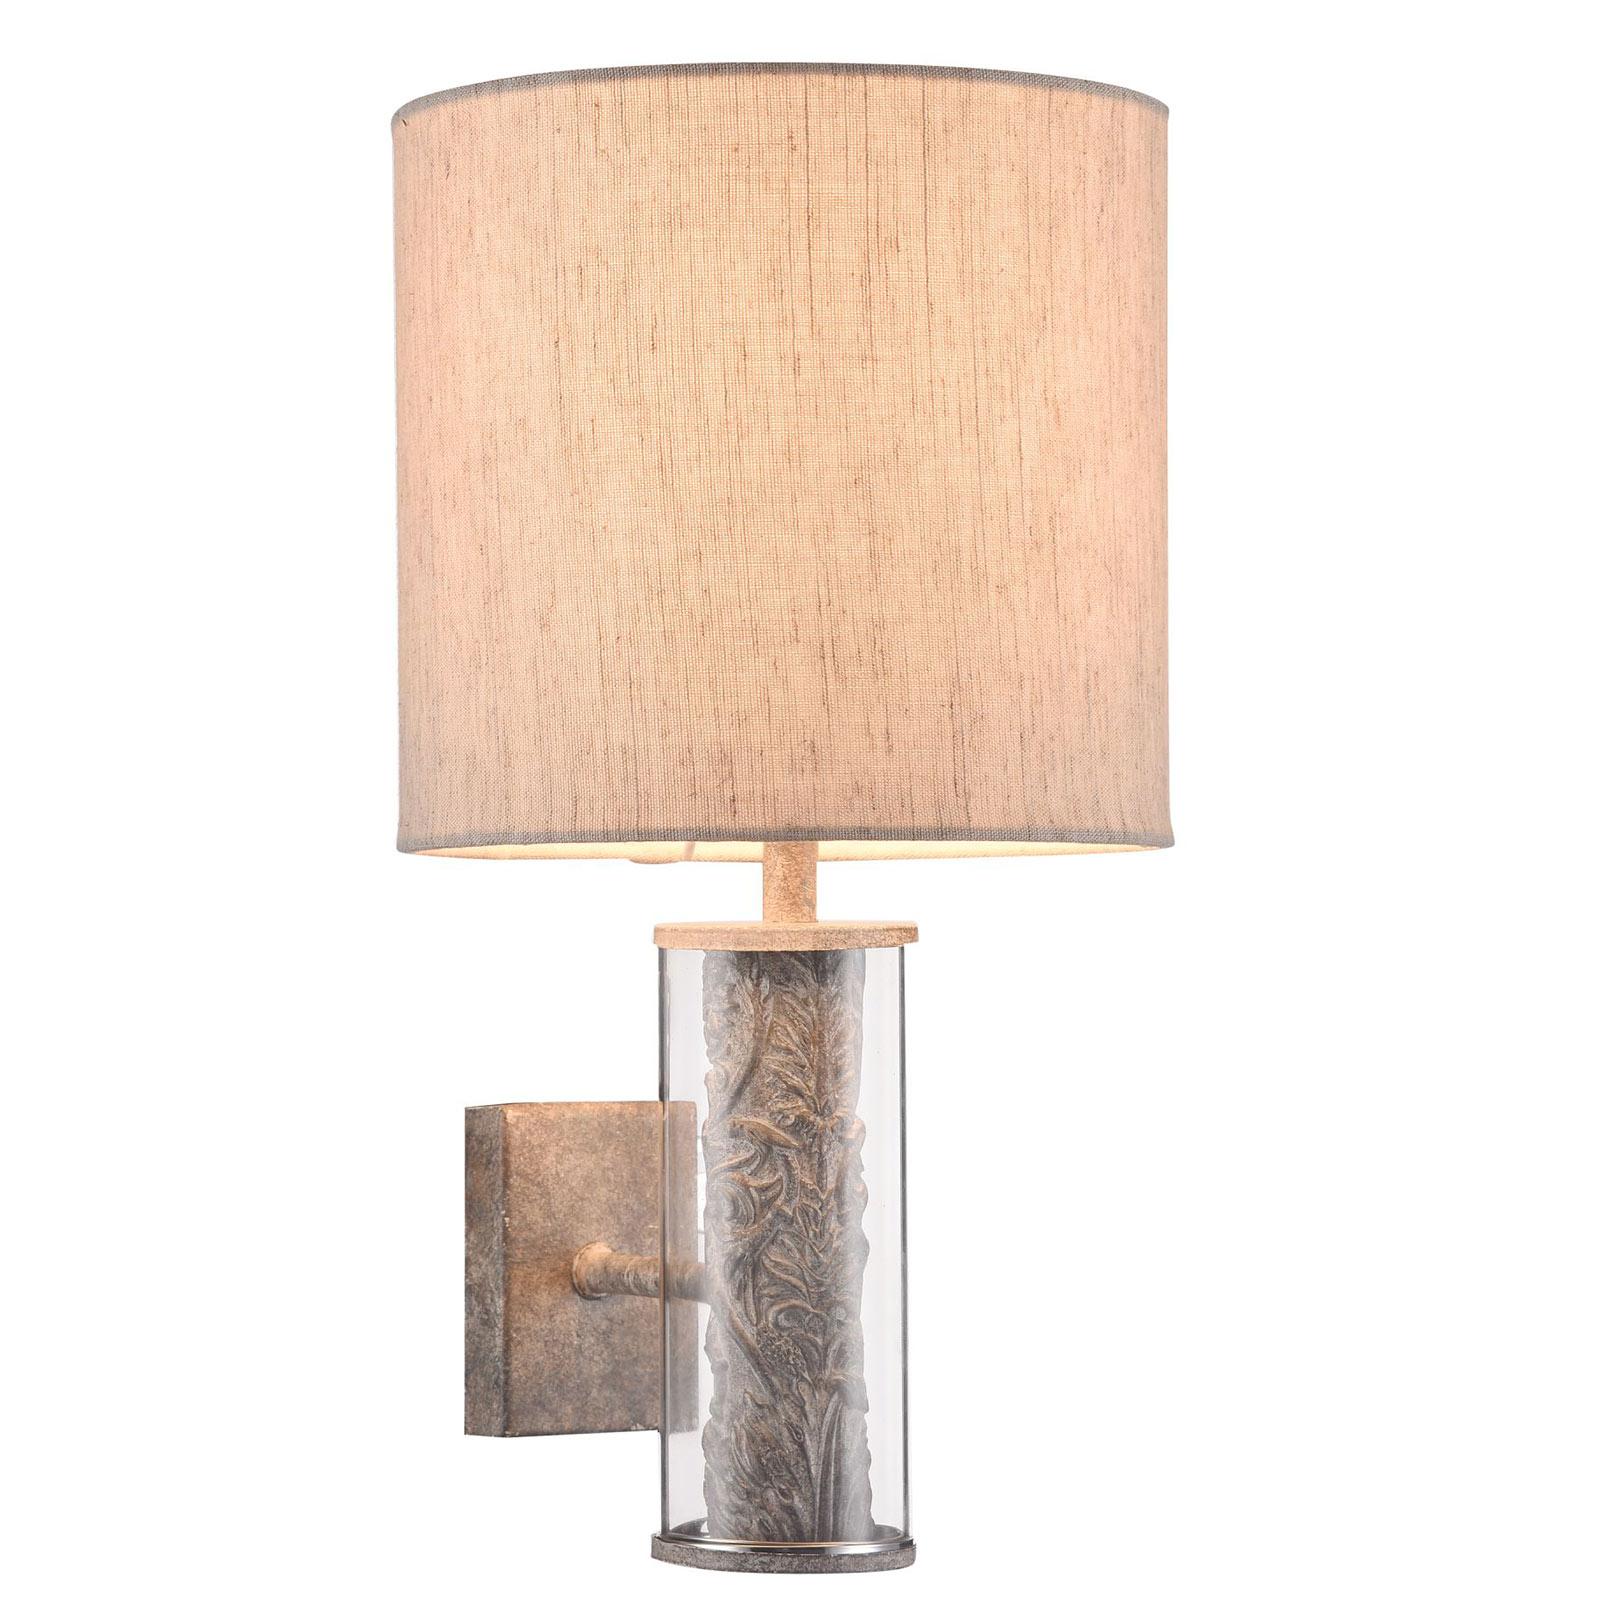 Wandlamp Maryland met stoffen kap van linnen